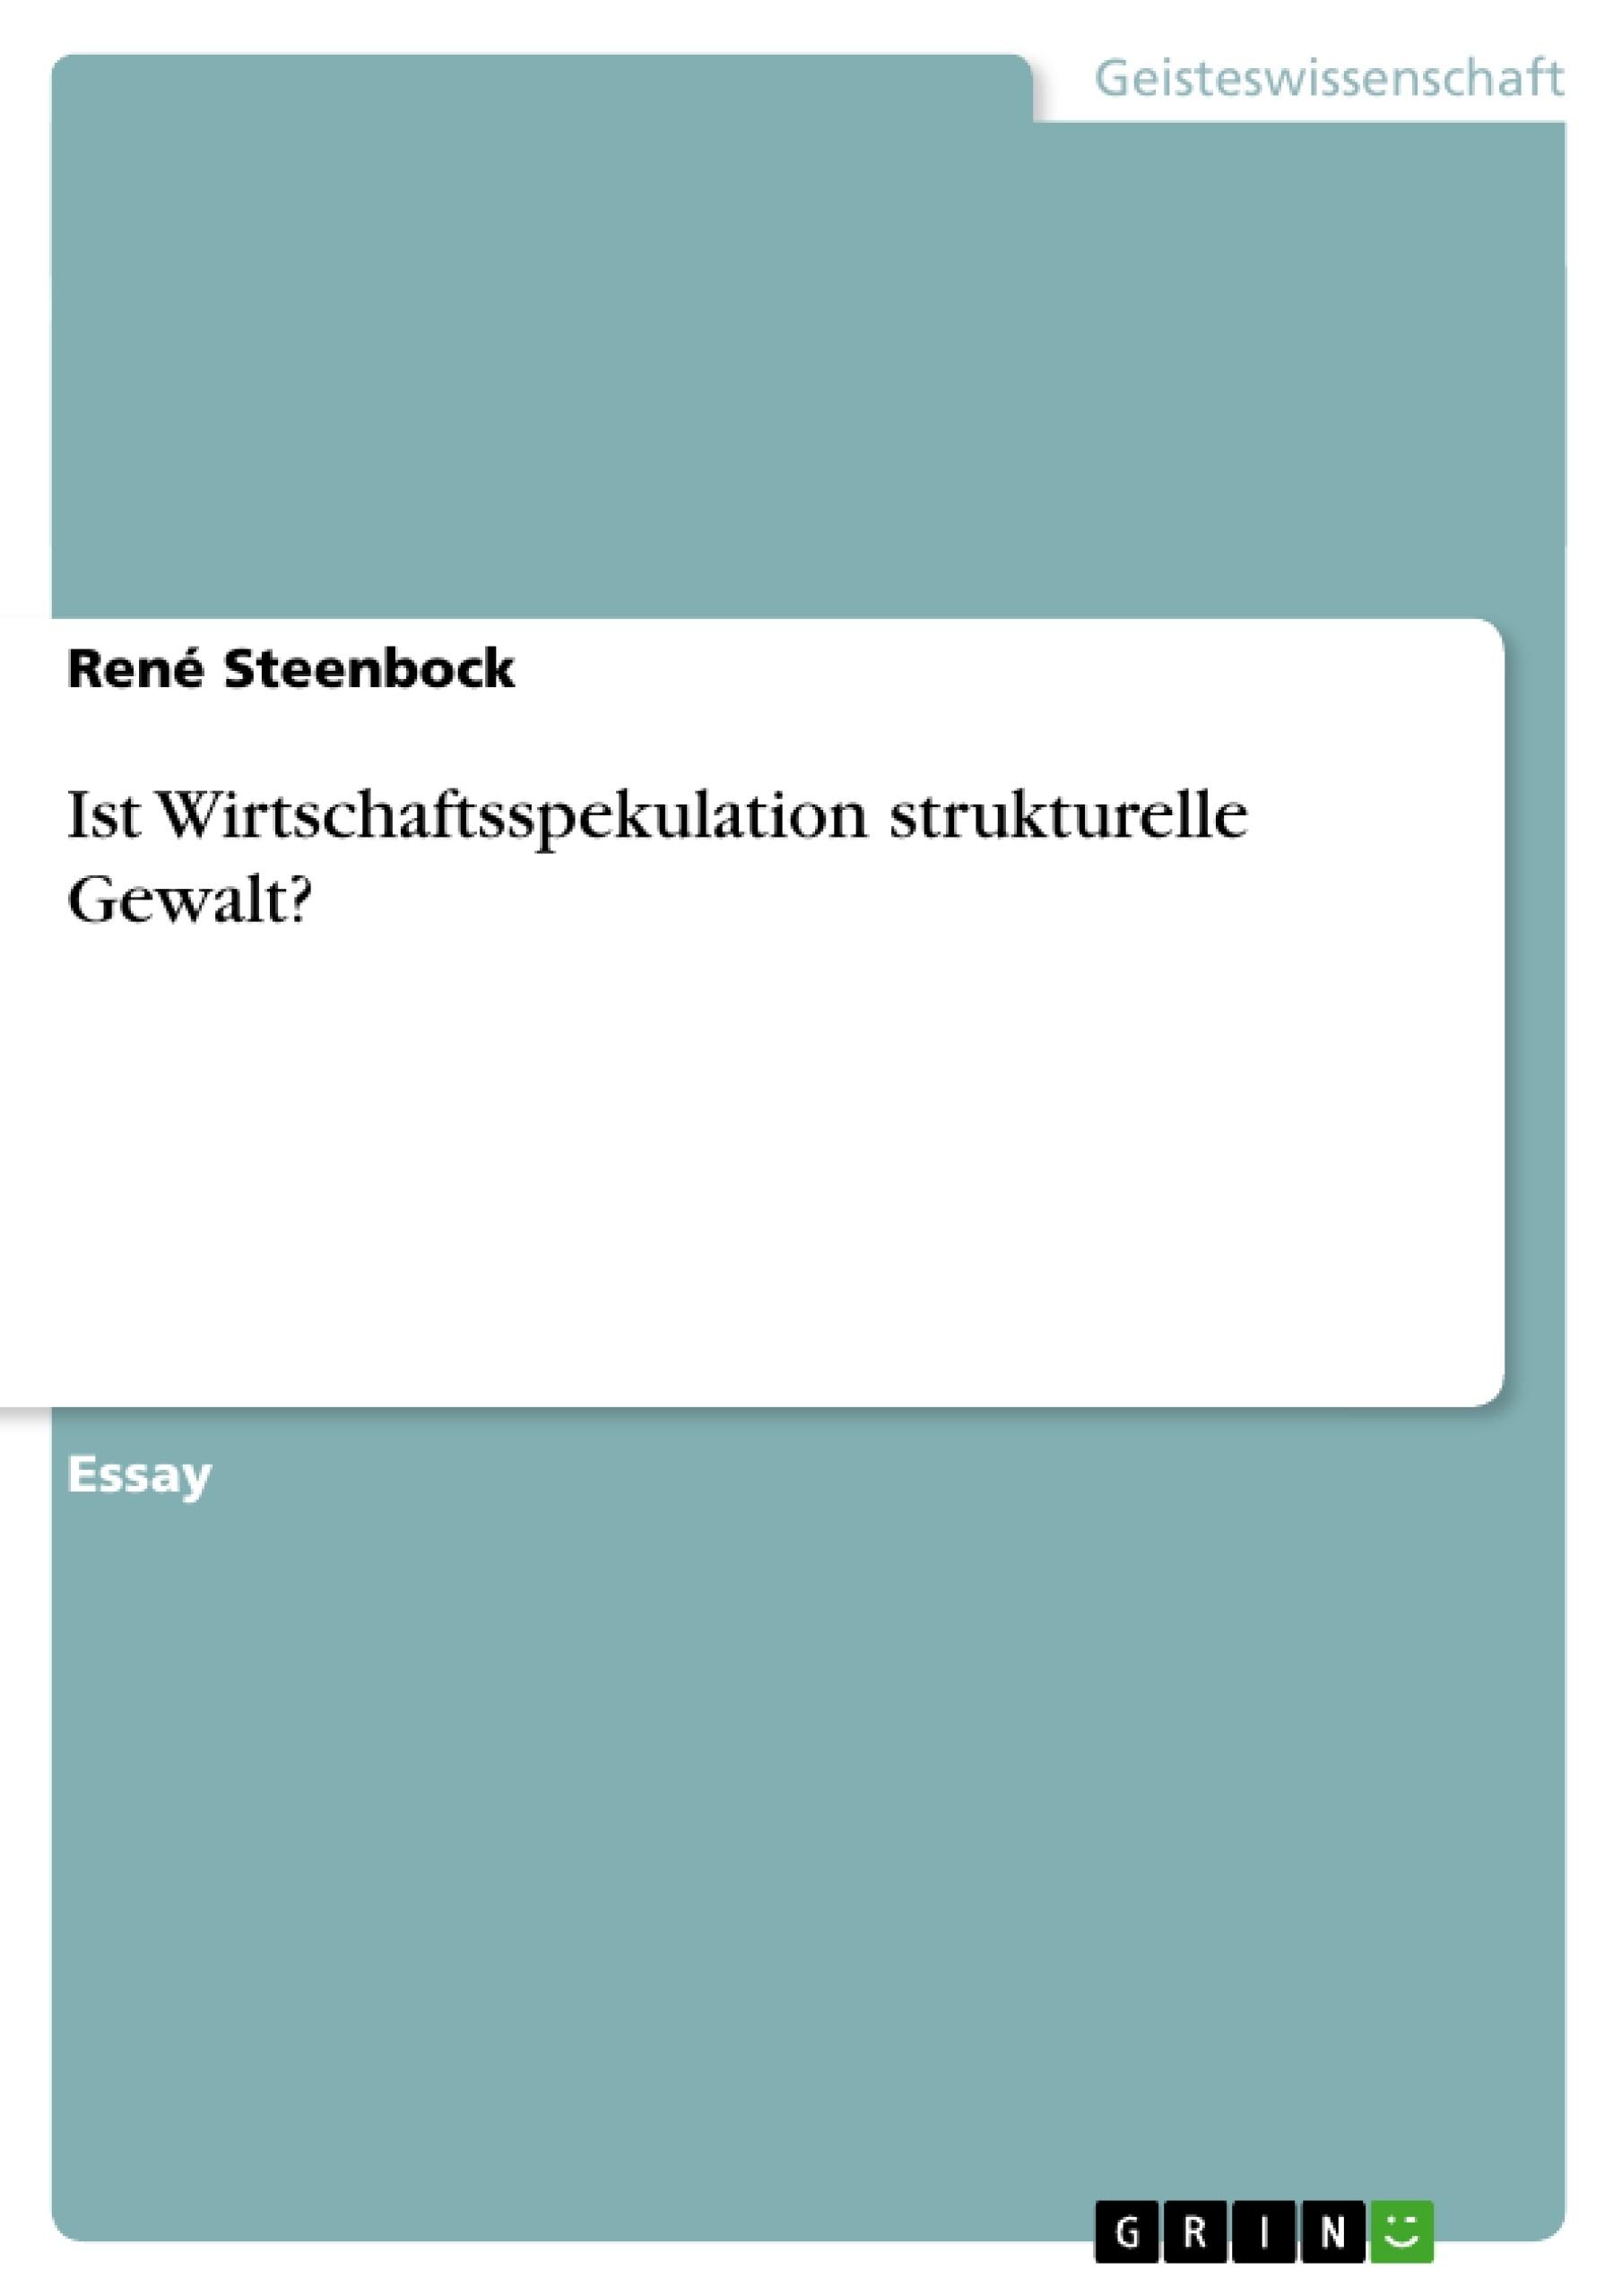 Titel: Ist Wirtschaftsspekulation strukturelle Gewalt?